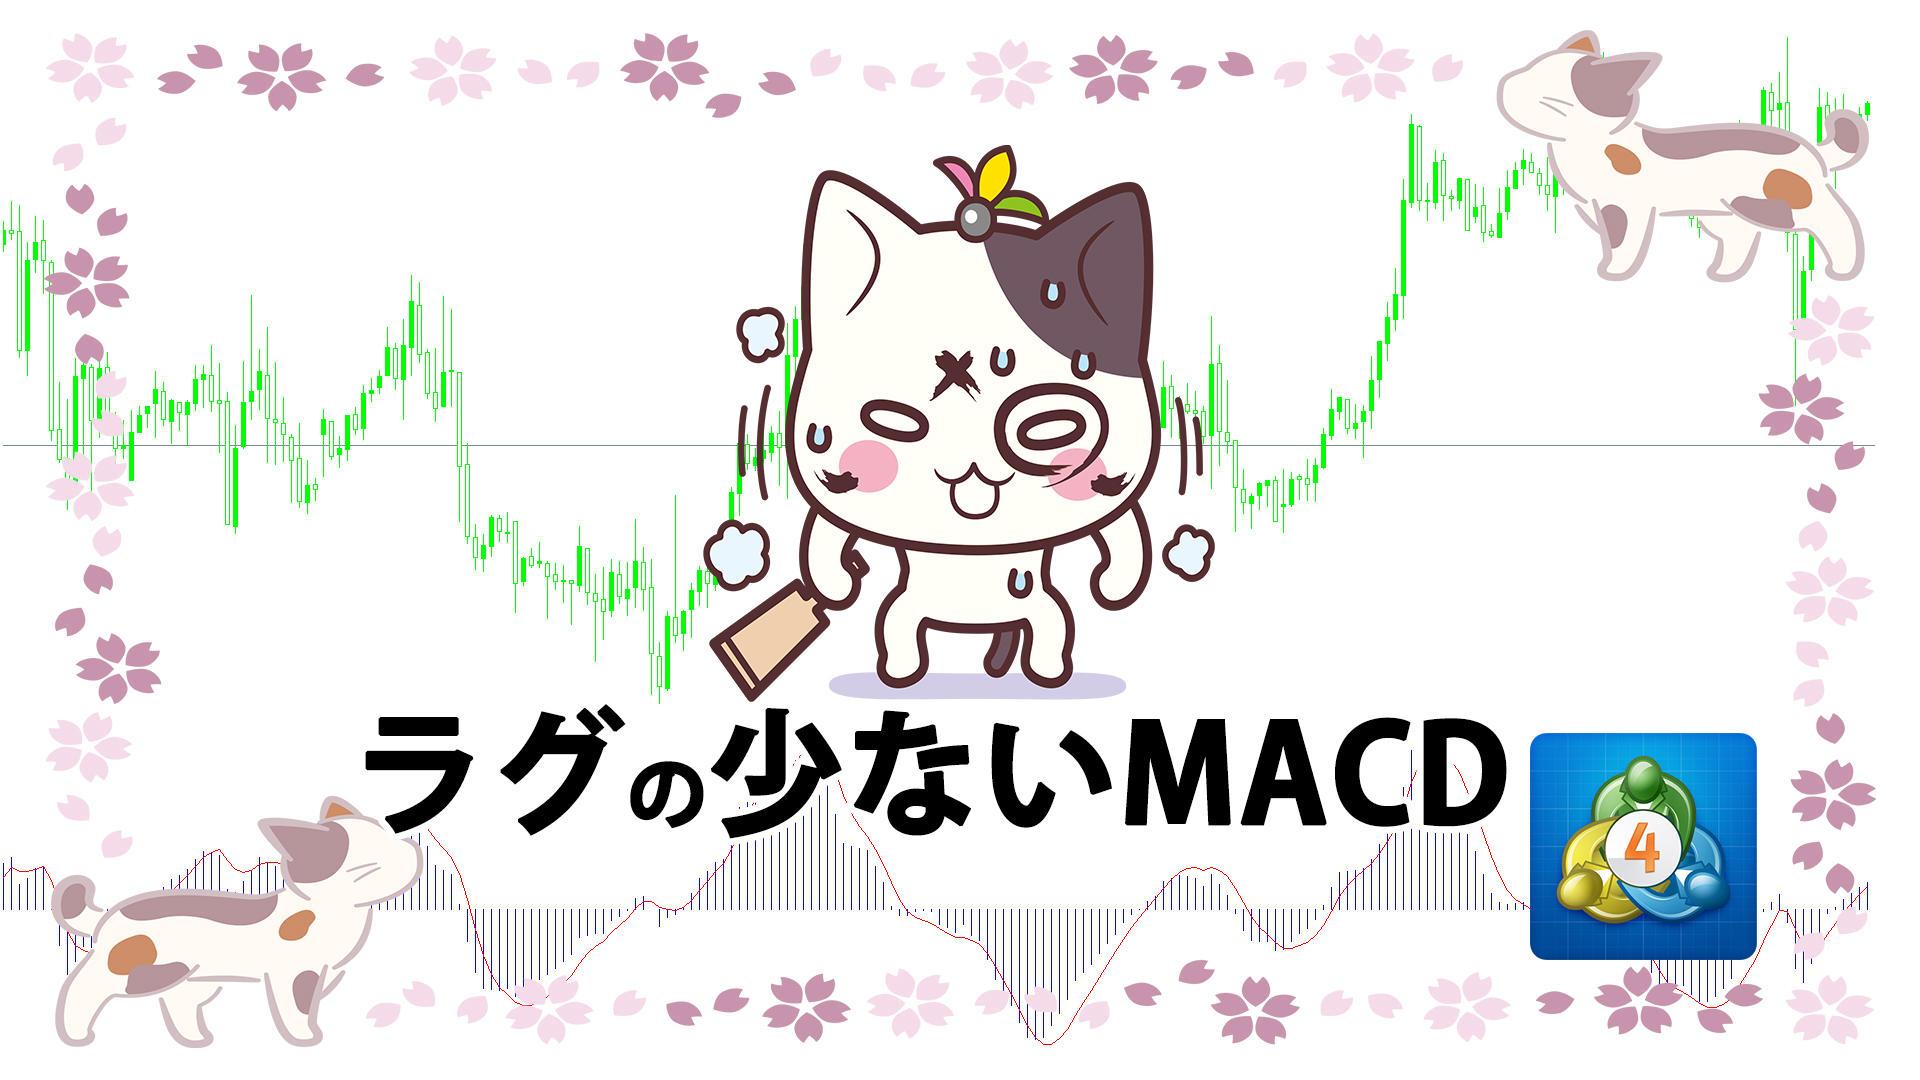 タイムラグの少ないMACDを表示するMT4インジケーター「ZeroLag_MACD」